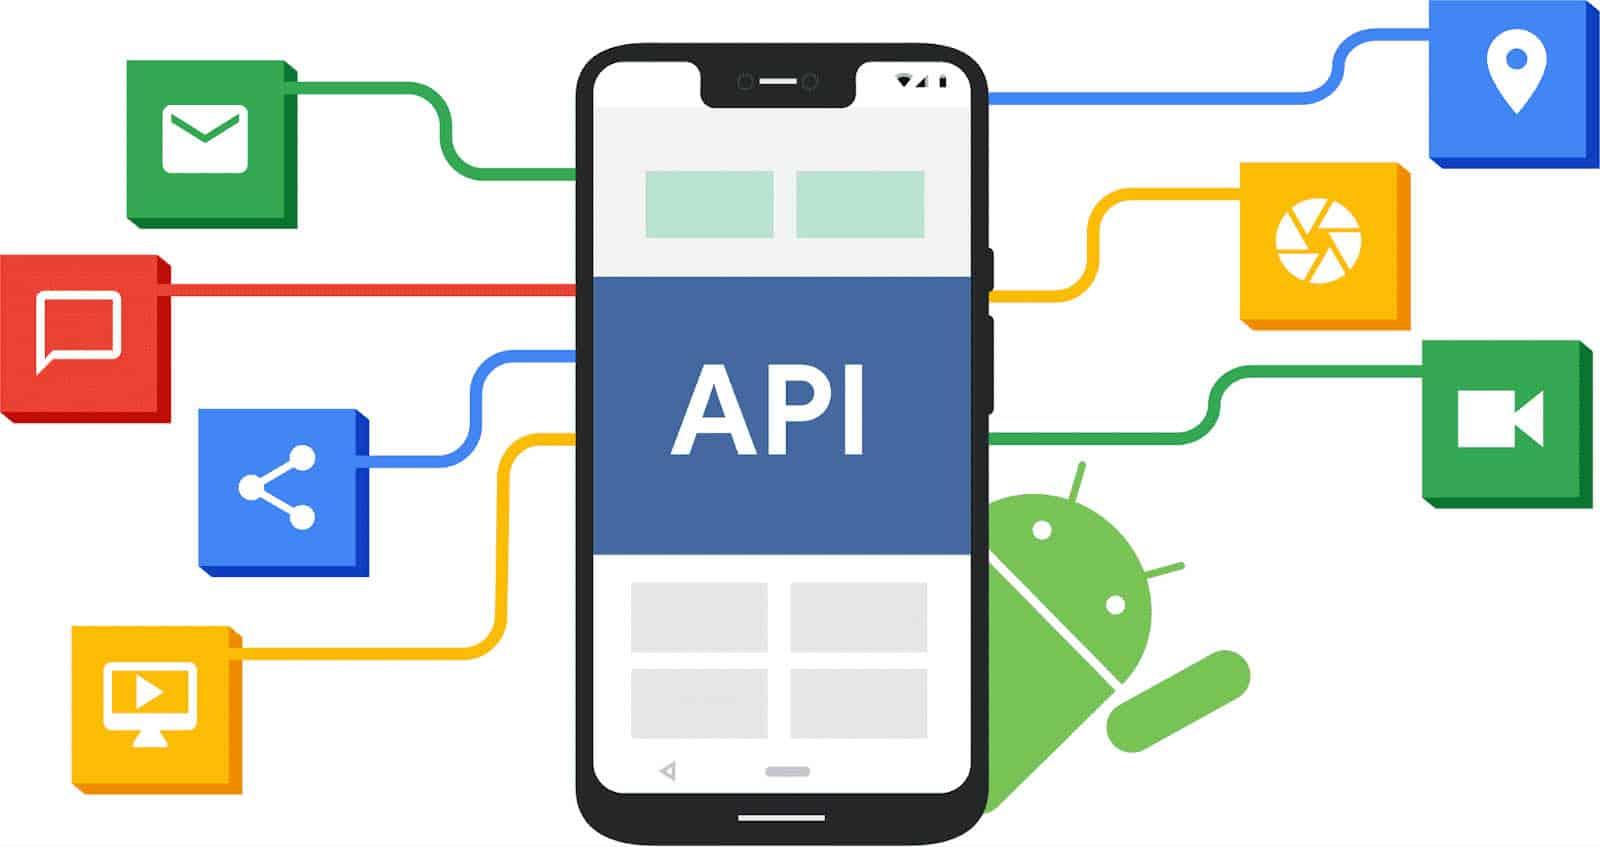 Монобанк открыл API для разработчиков